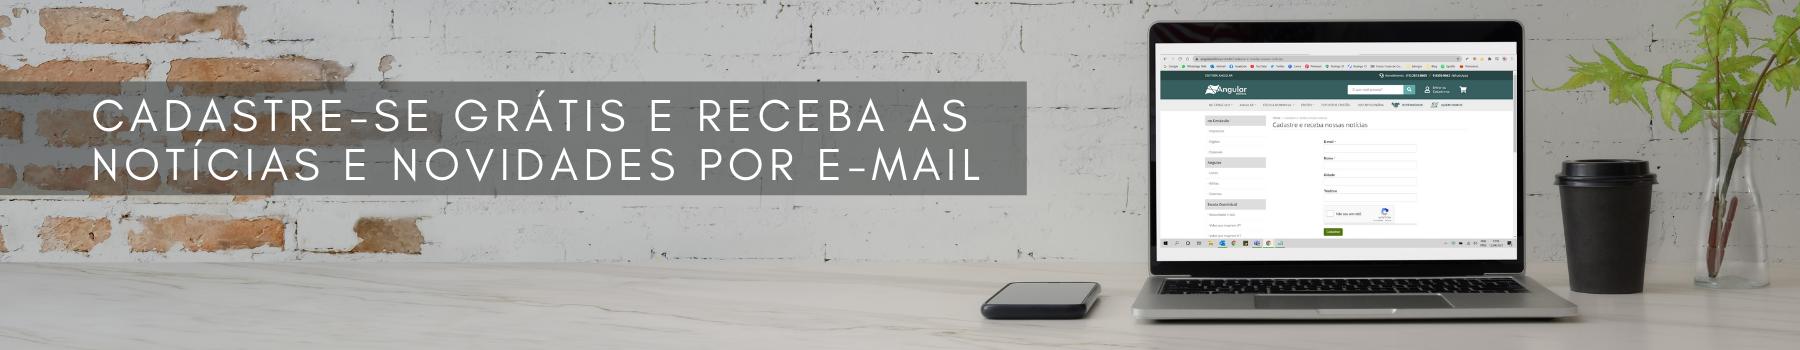 Cadastre-se por e-mail